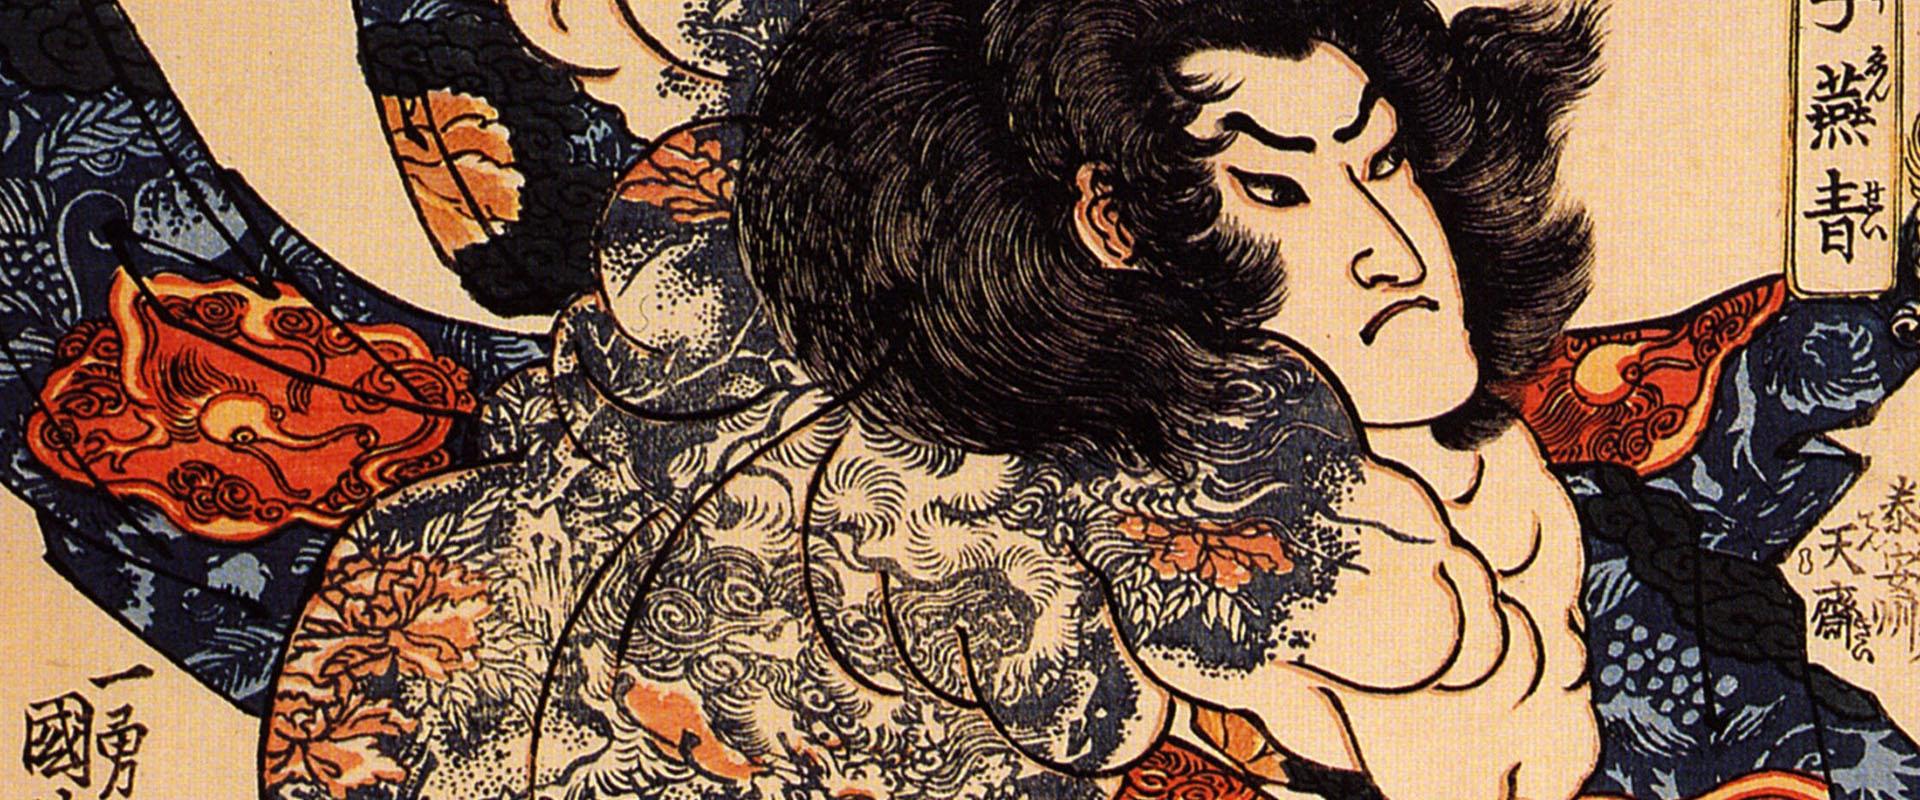 Bannière de « Irezumi » : histoire du tatouage au Japon.